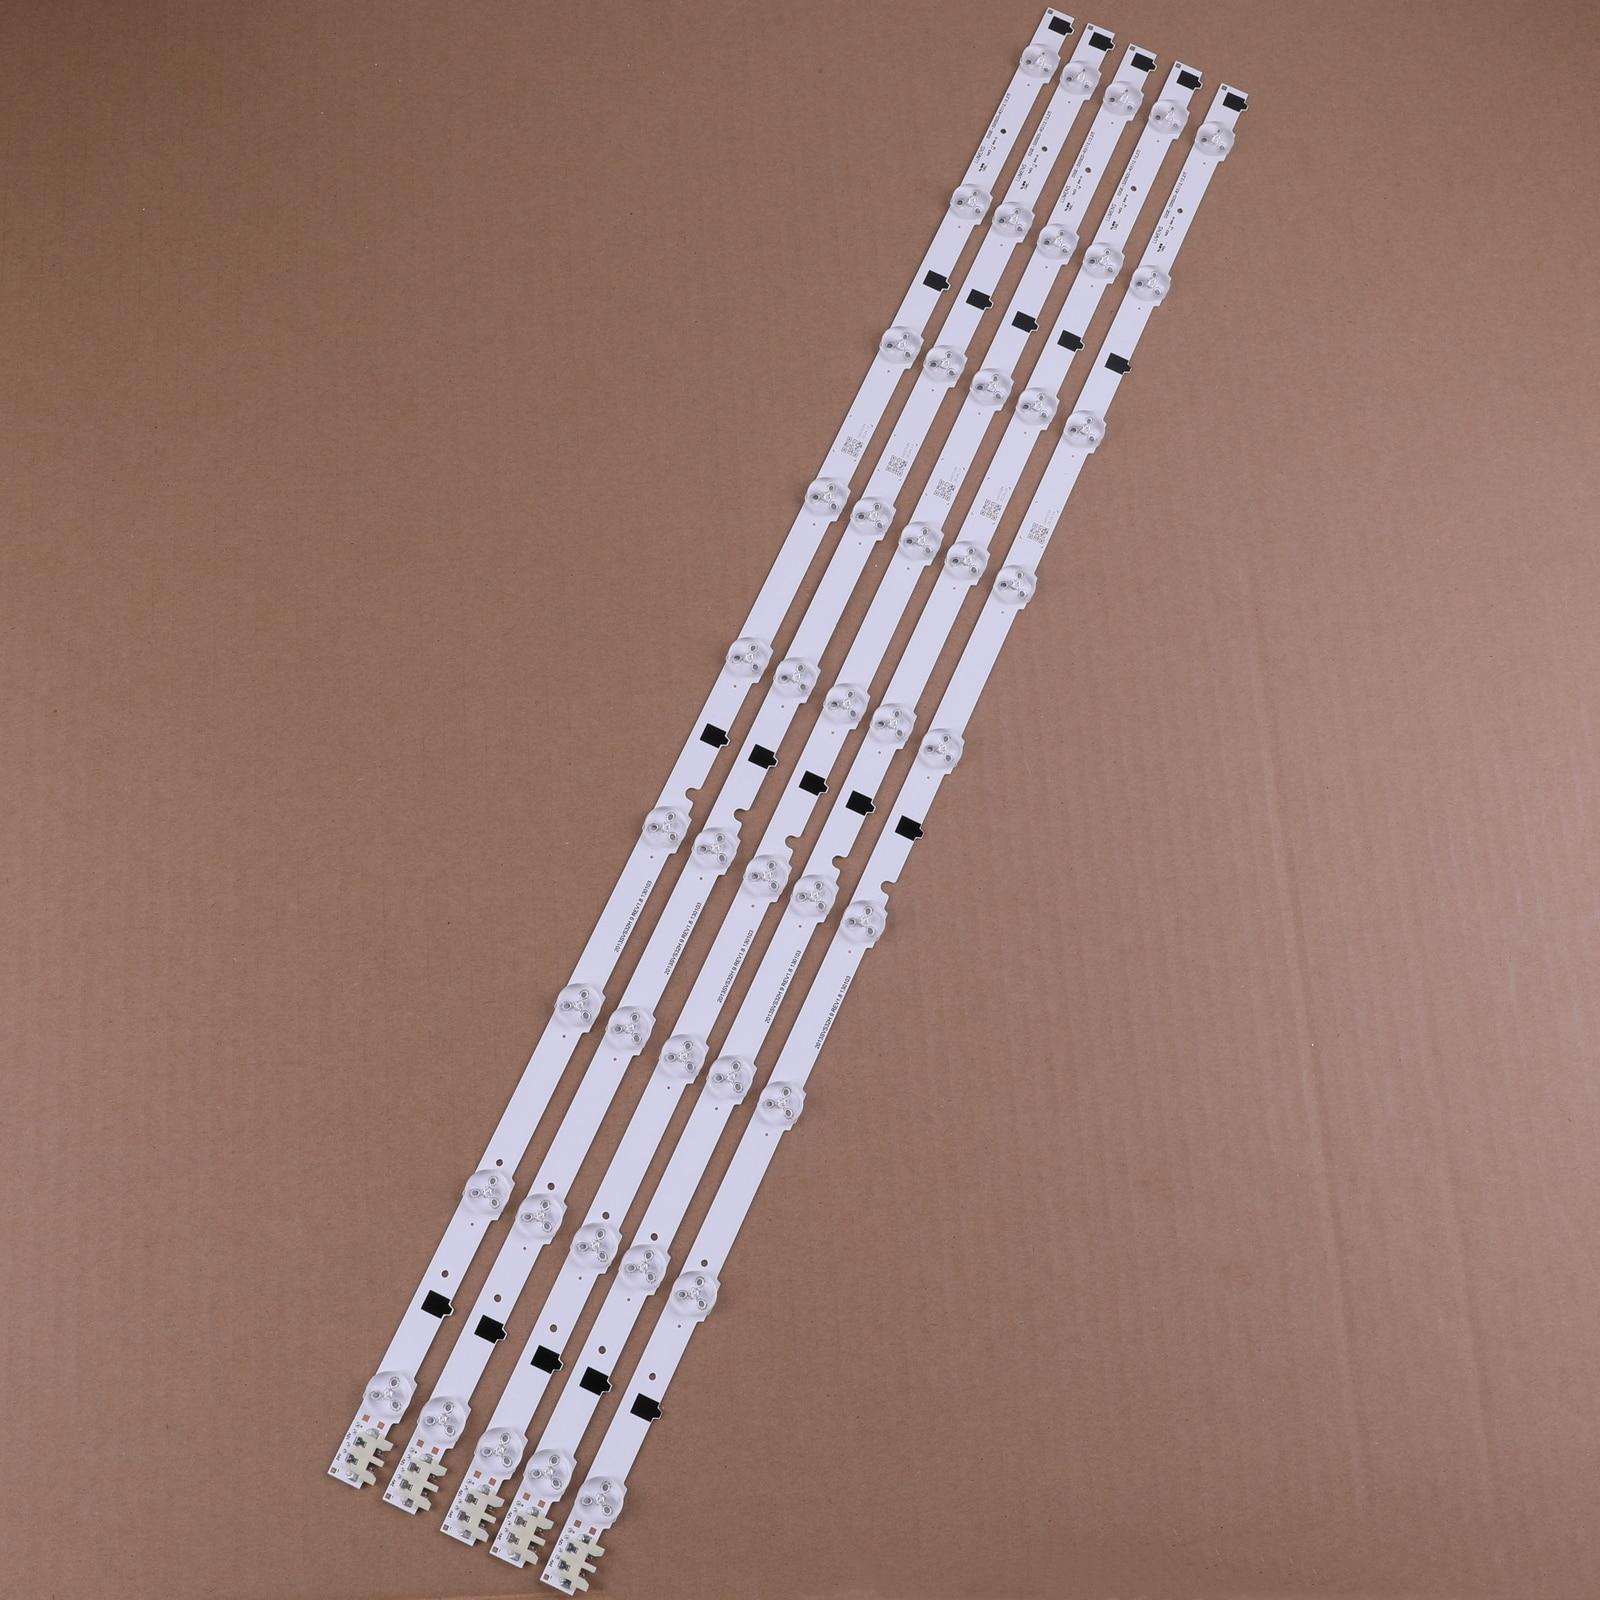 """5 teile/satz 9LEDS 650MM Neue Led-hintergrundbeleuchtung Streifen Für Samsung 32 """"TV D2GE-320SC0-R3 2013SVS32H 2013SVS32F CY-HF320GEV5H"""